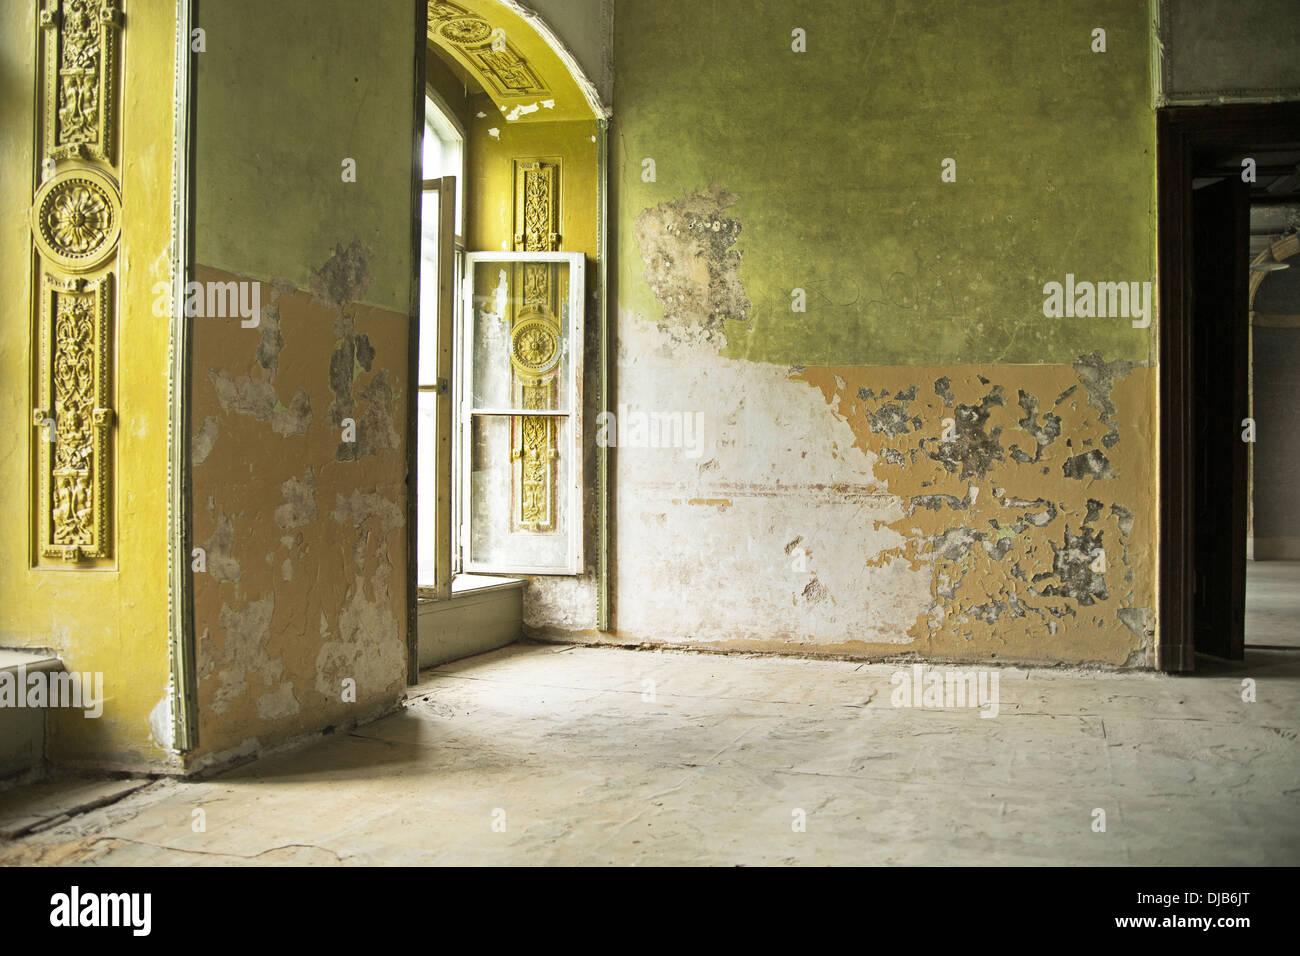 Con cintura viejo interior en el edificio antiguo Imagen De Stock